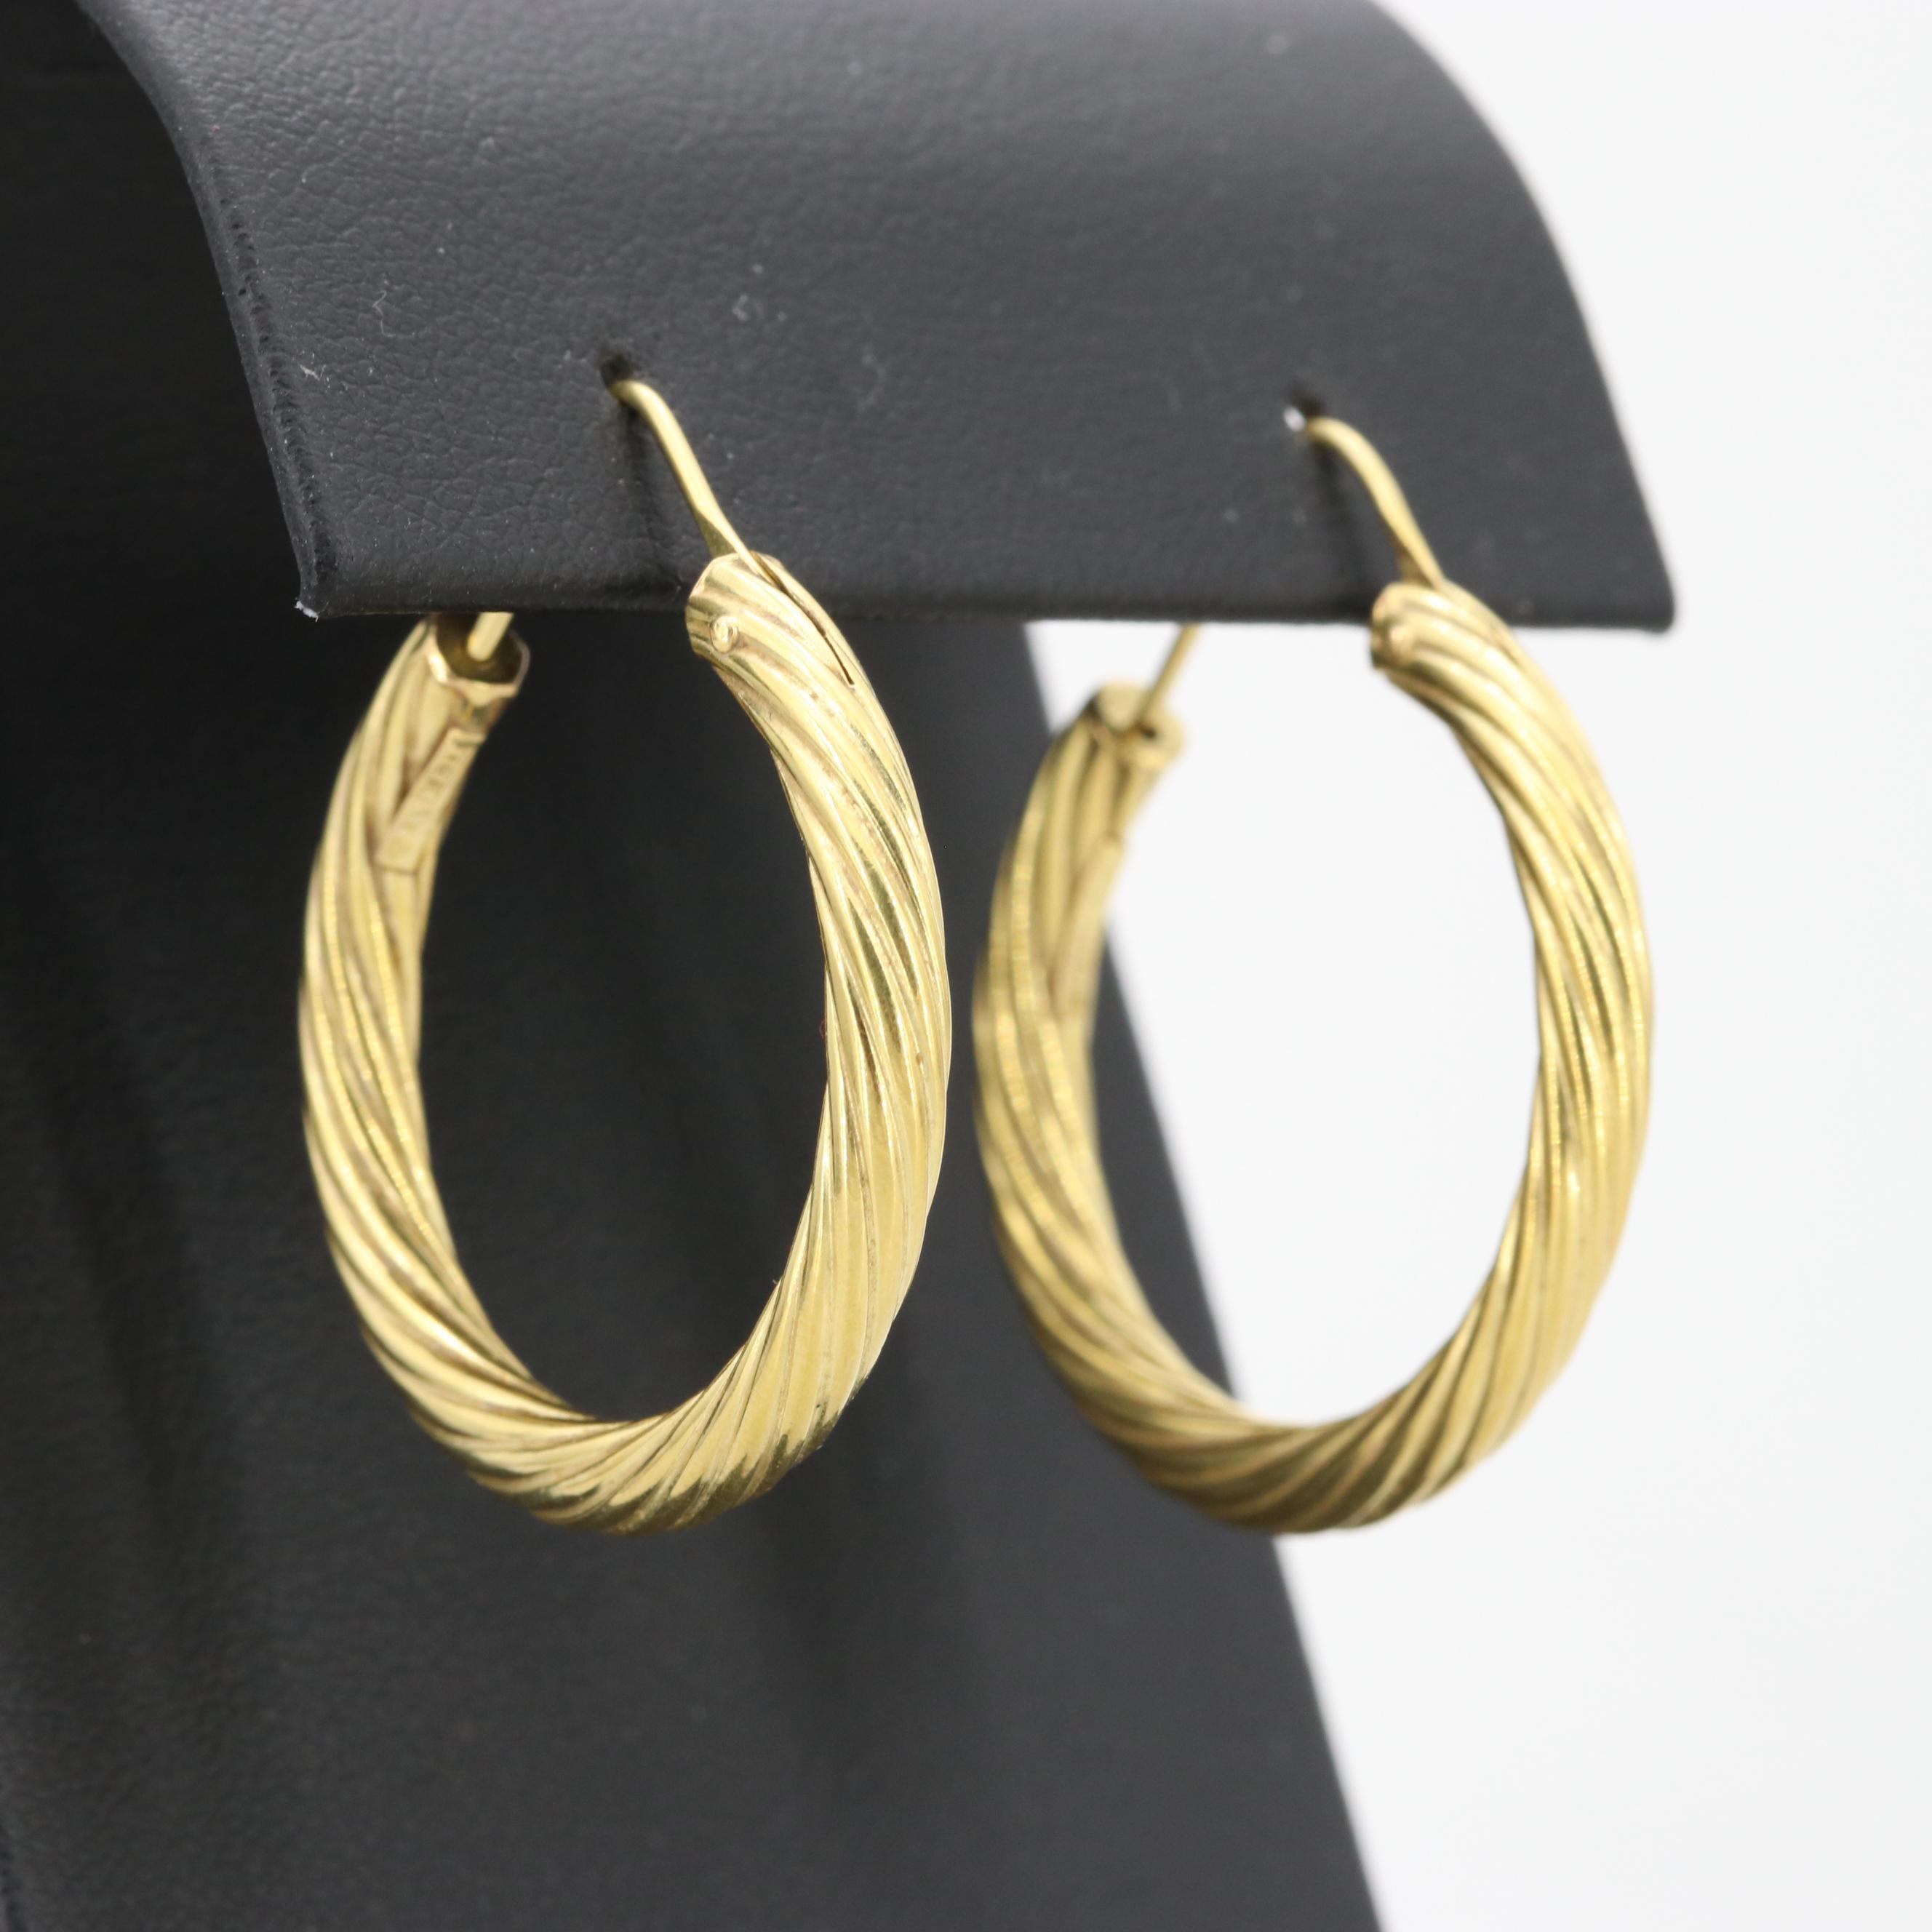 18K Yellow Gold Twist Design Hoop Earrings